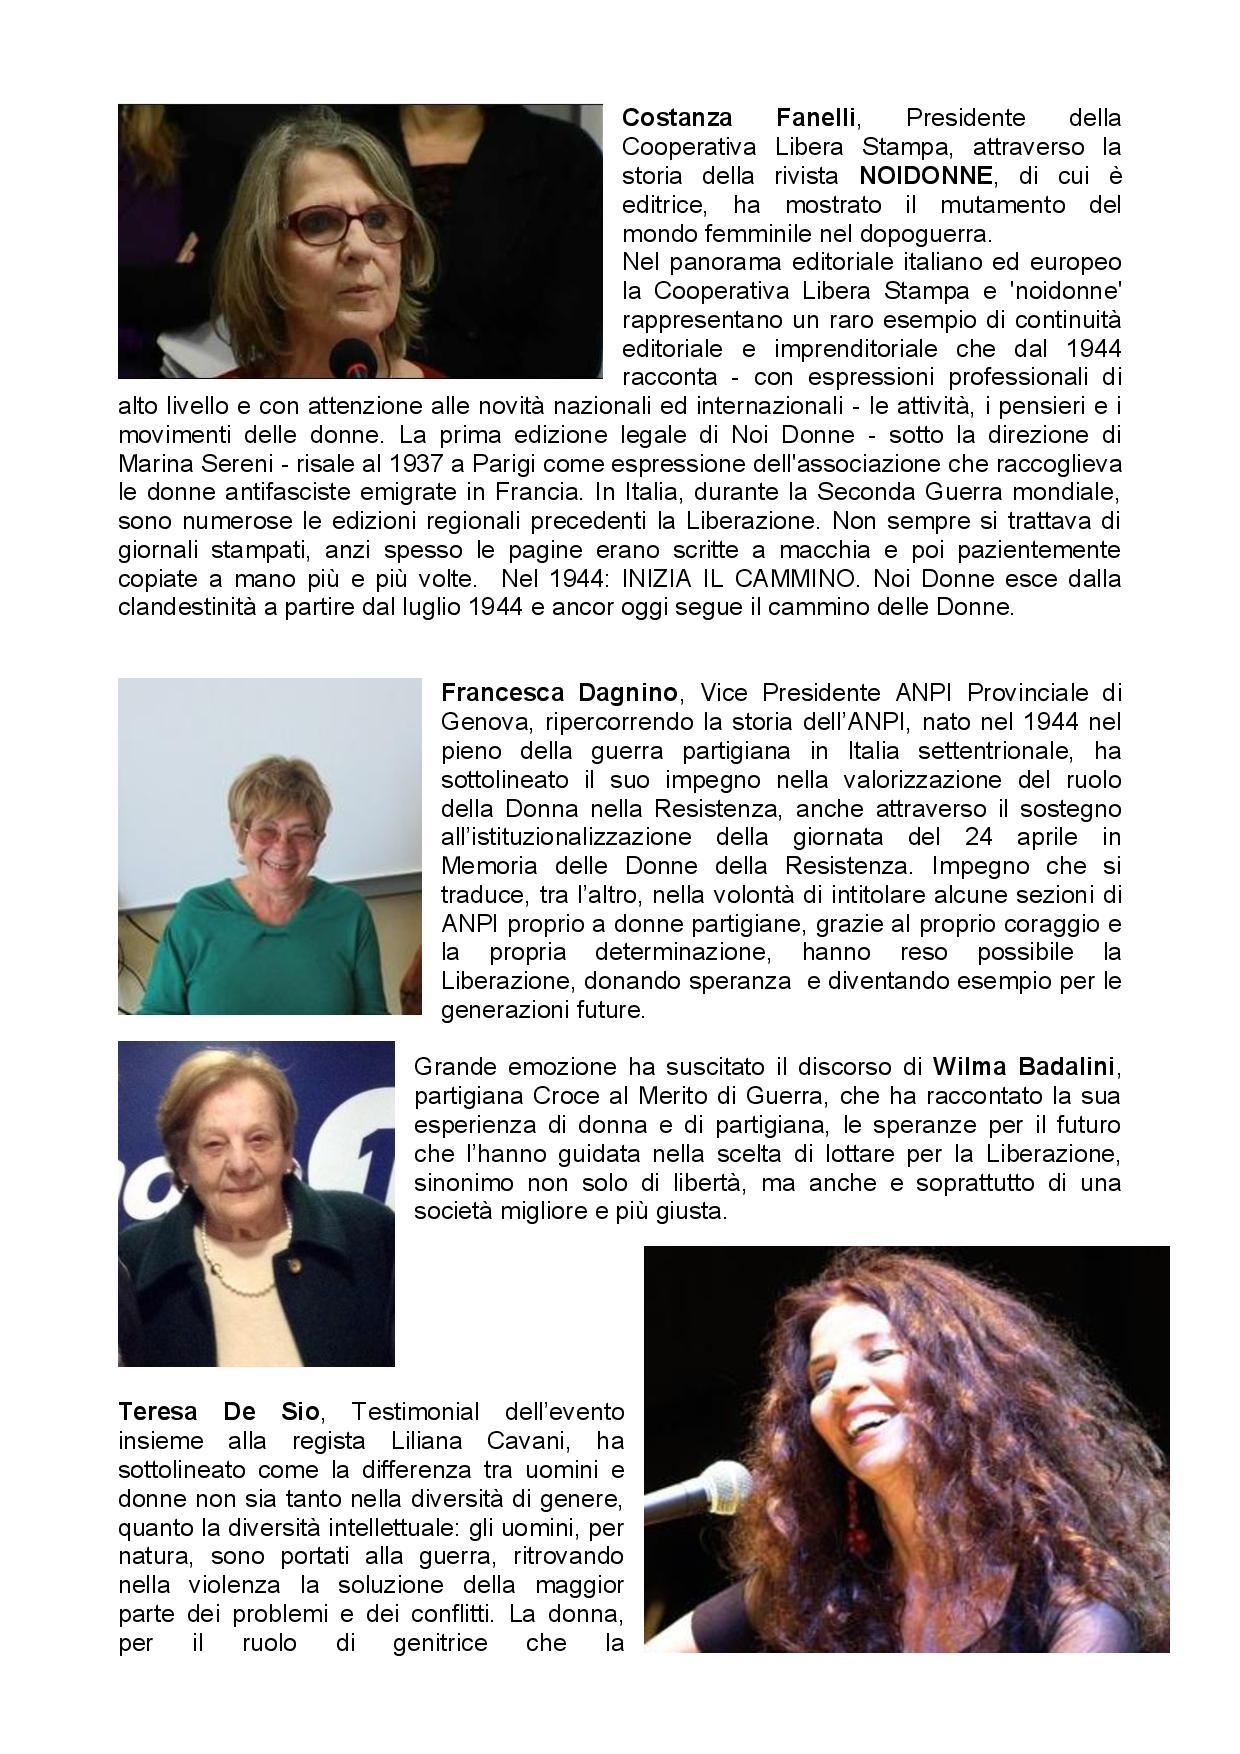 Festival dell Eccellenza al Femminile - Documento conclusivo Le donne della Resistenza 24 aprile 2015-page-005